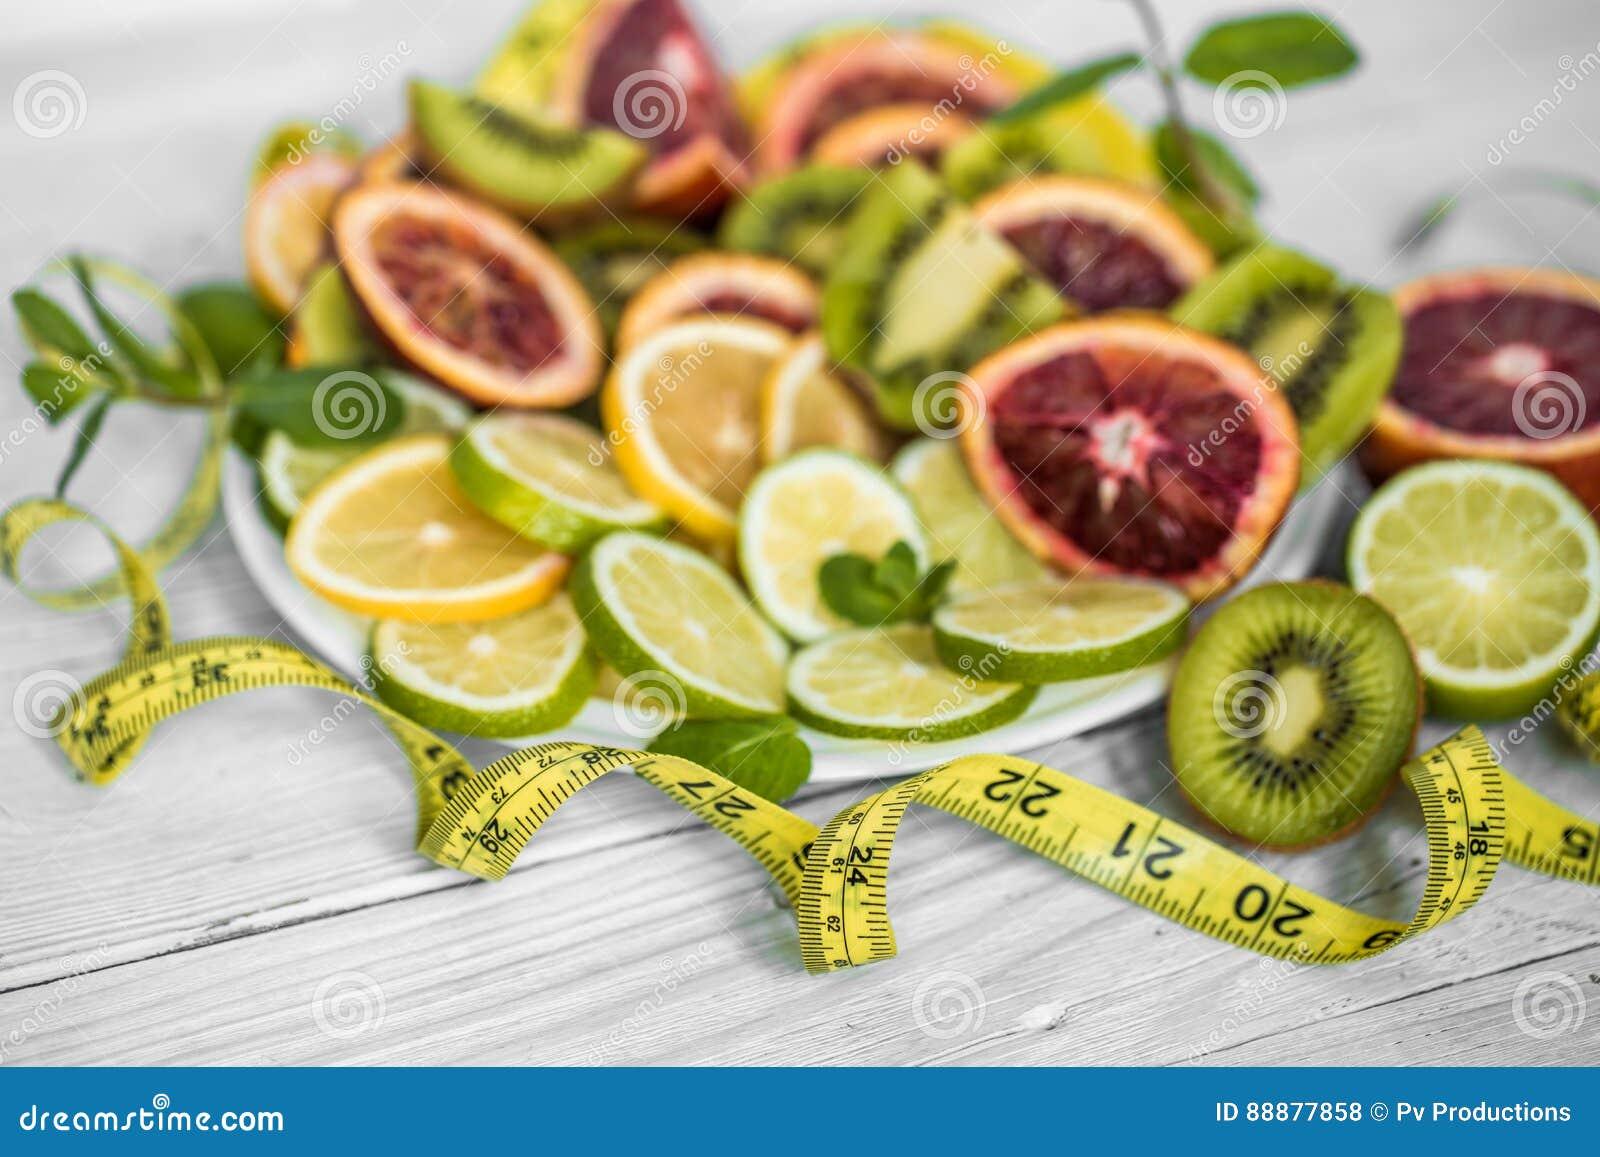 各种各样的果子和测量的磁带